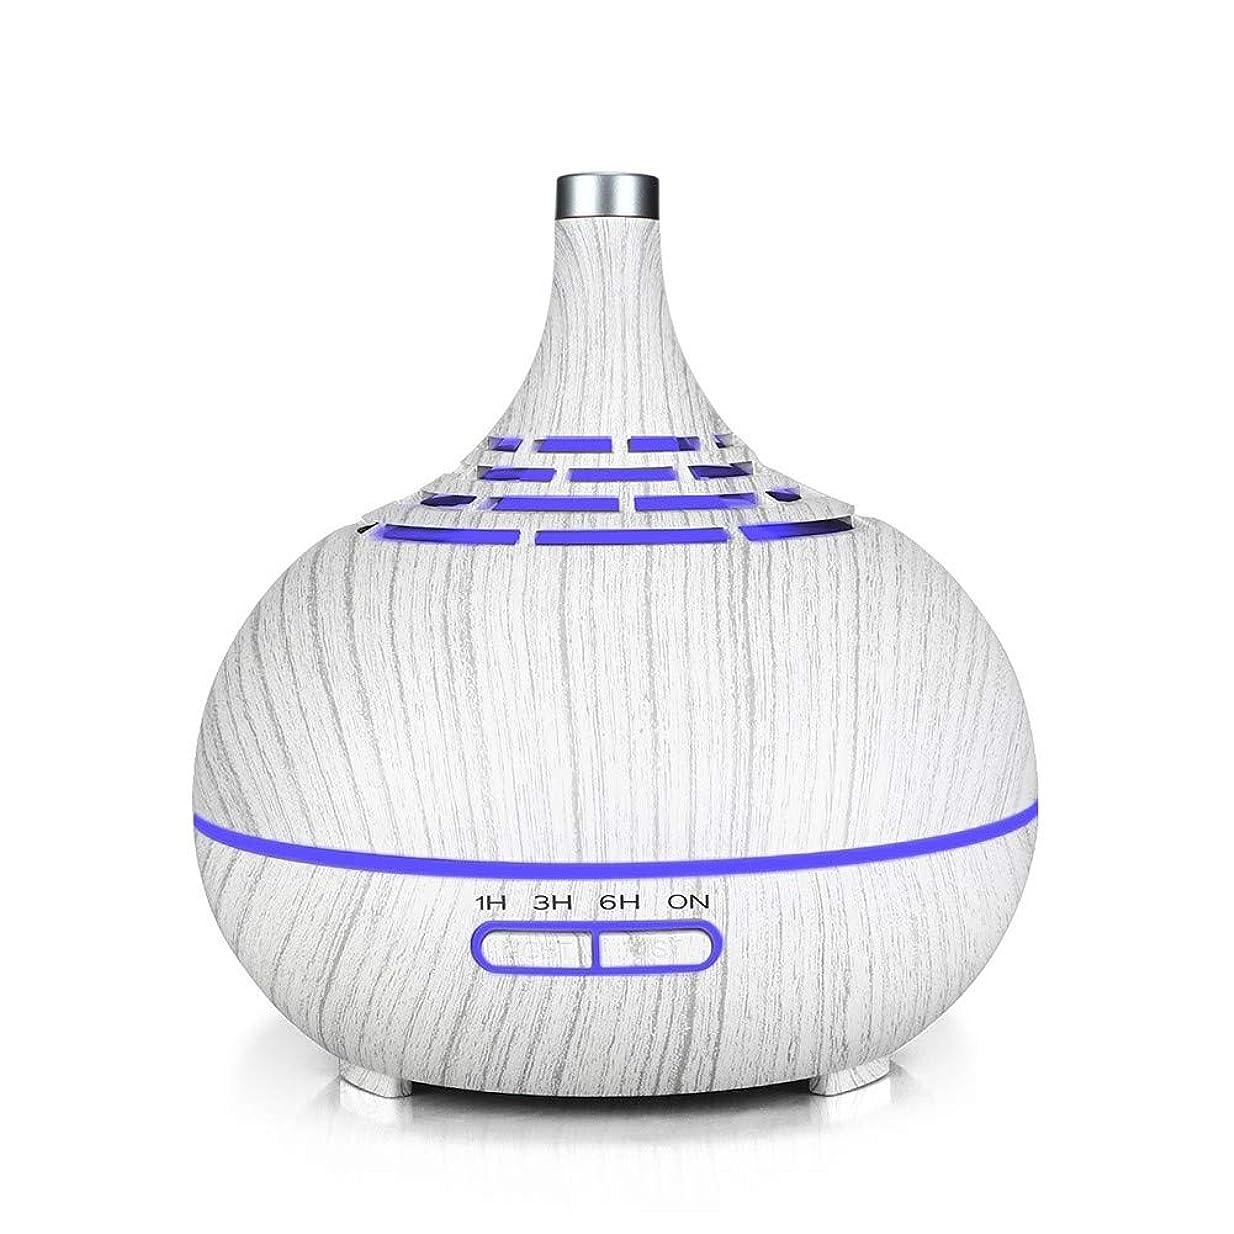 盲信連隊形状空気加湿器、家庭用木目サイレント空気浄化加湿器、中空のカラフルなナイトライト空気加湿器、リビングルームの使用に適した、白い木目